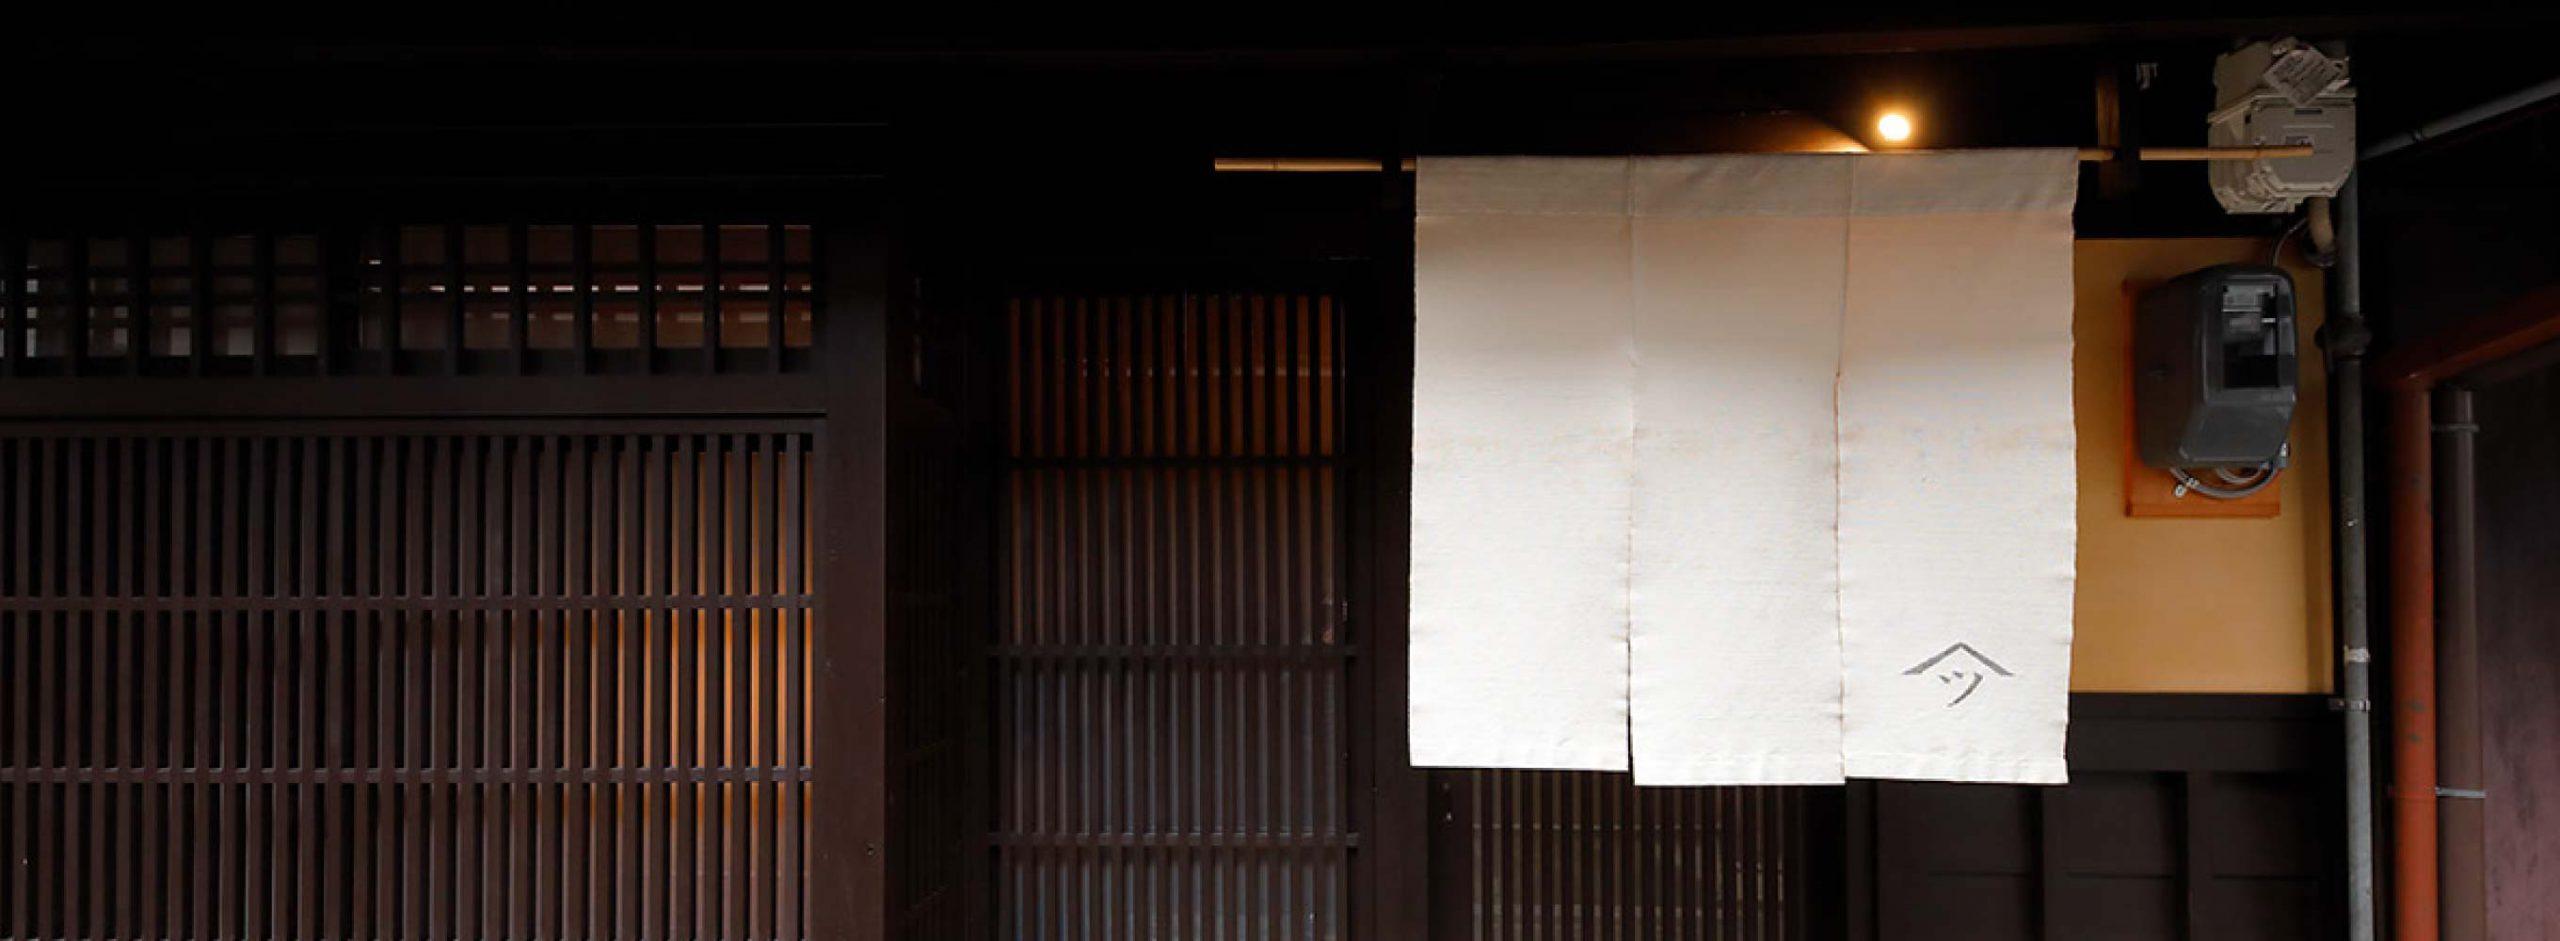 京都の伝統工芸を体感する旅へ<br> 西陣織の老舗が手がける1日1組限定の宿